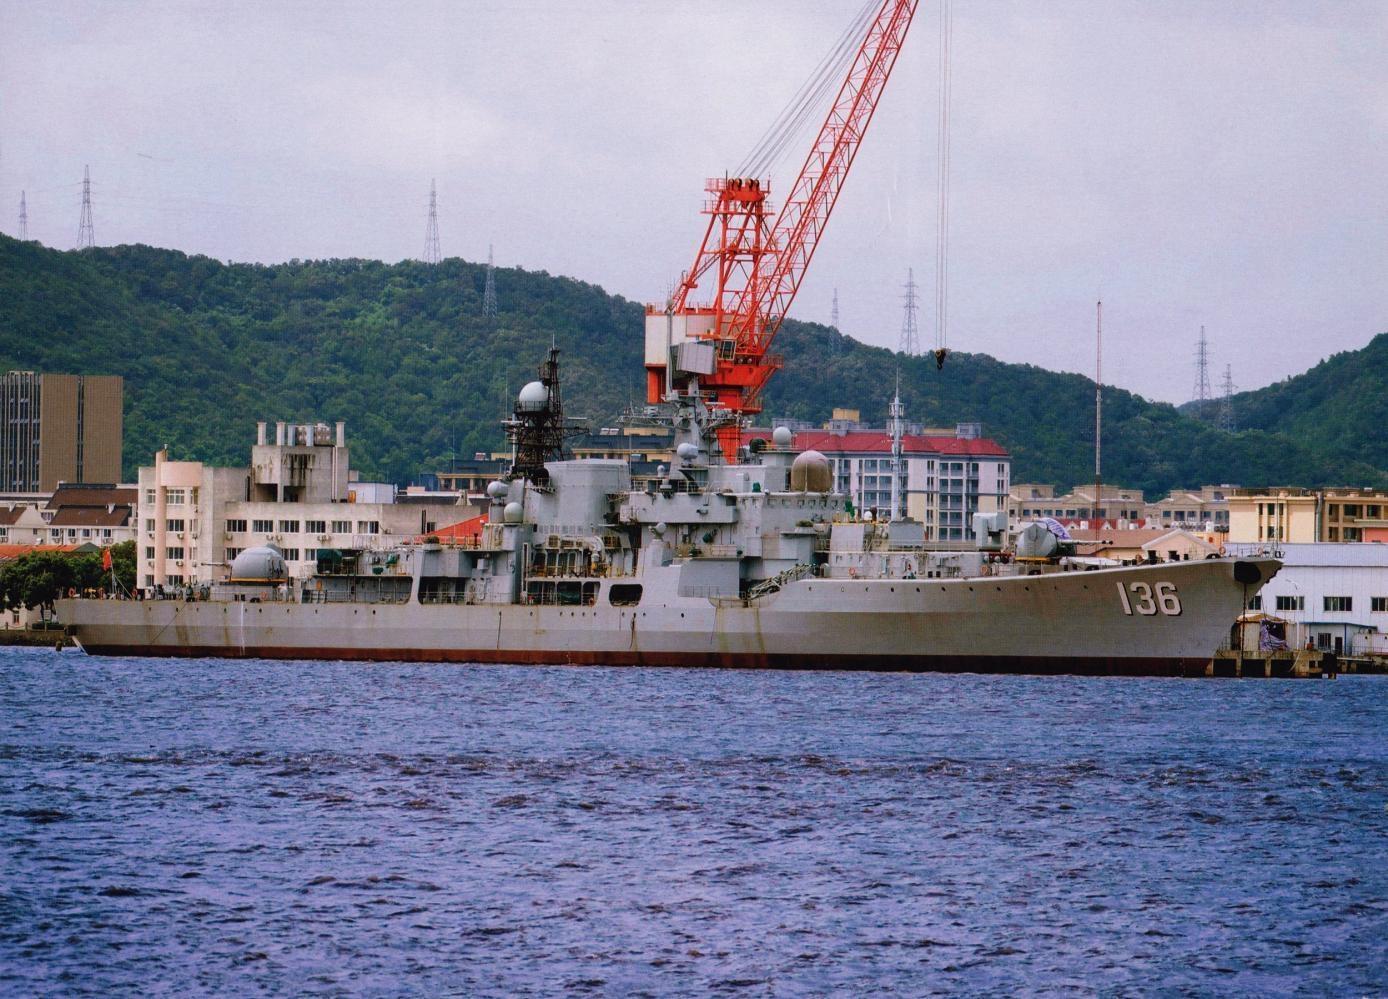 首艘魔改现代级驱逐舰杭州舰快要归建,我们替俄国人圆梦啦!